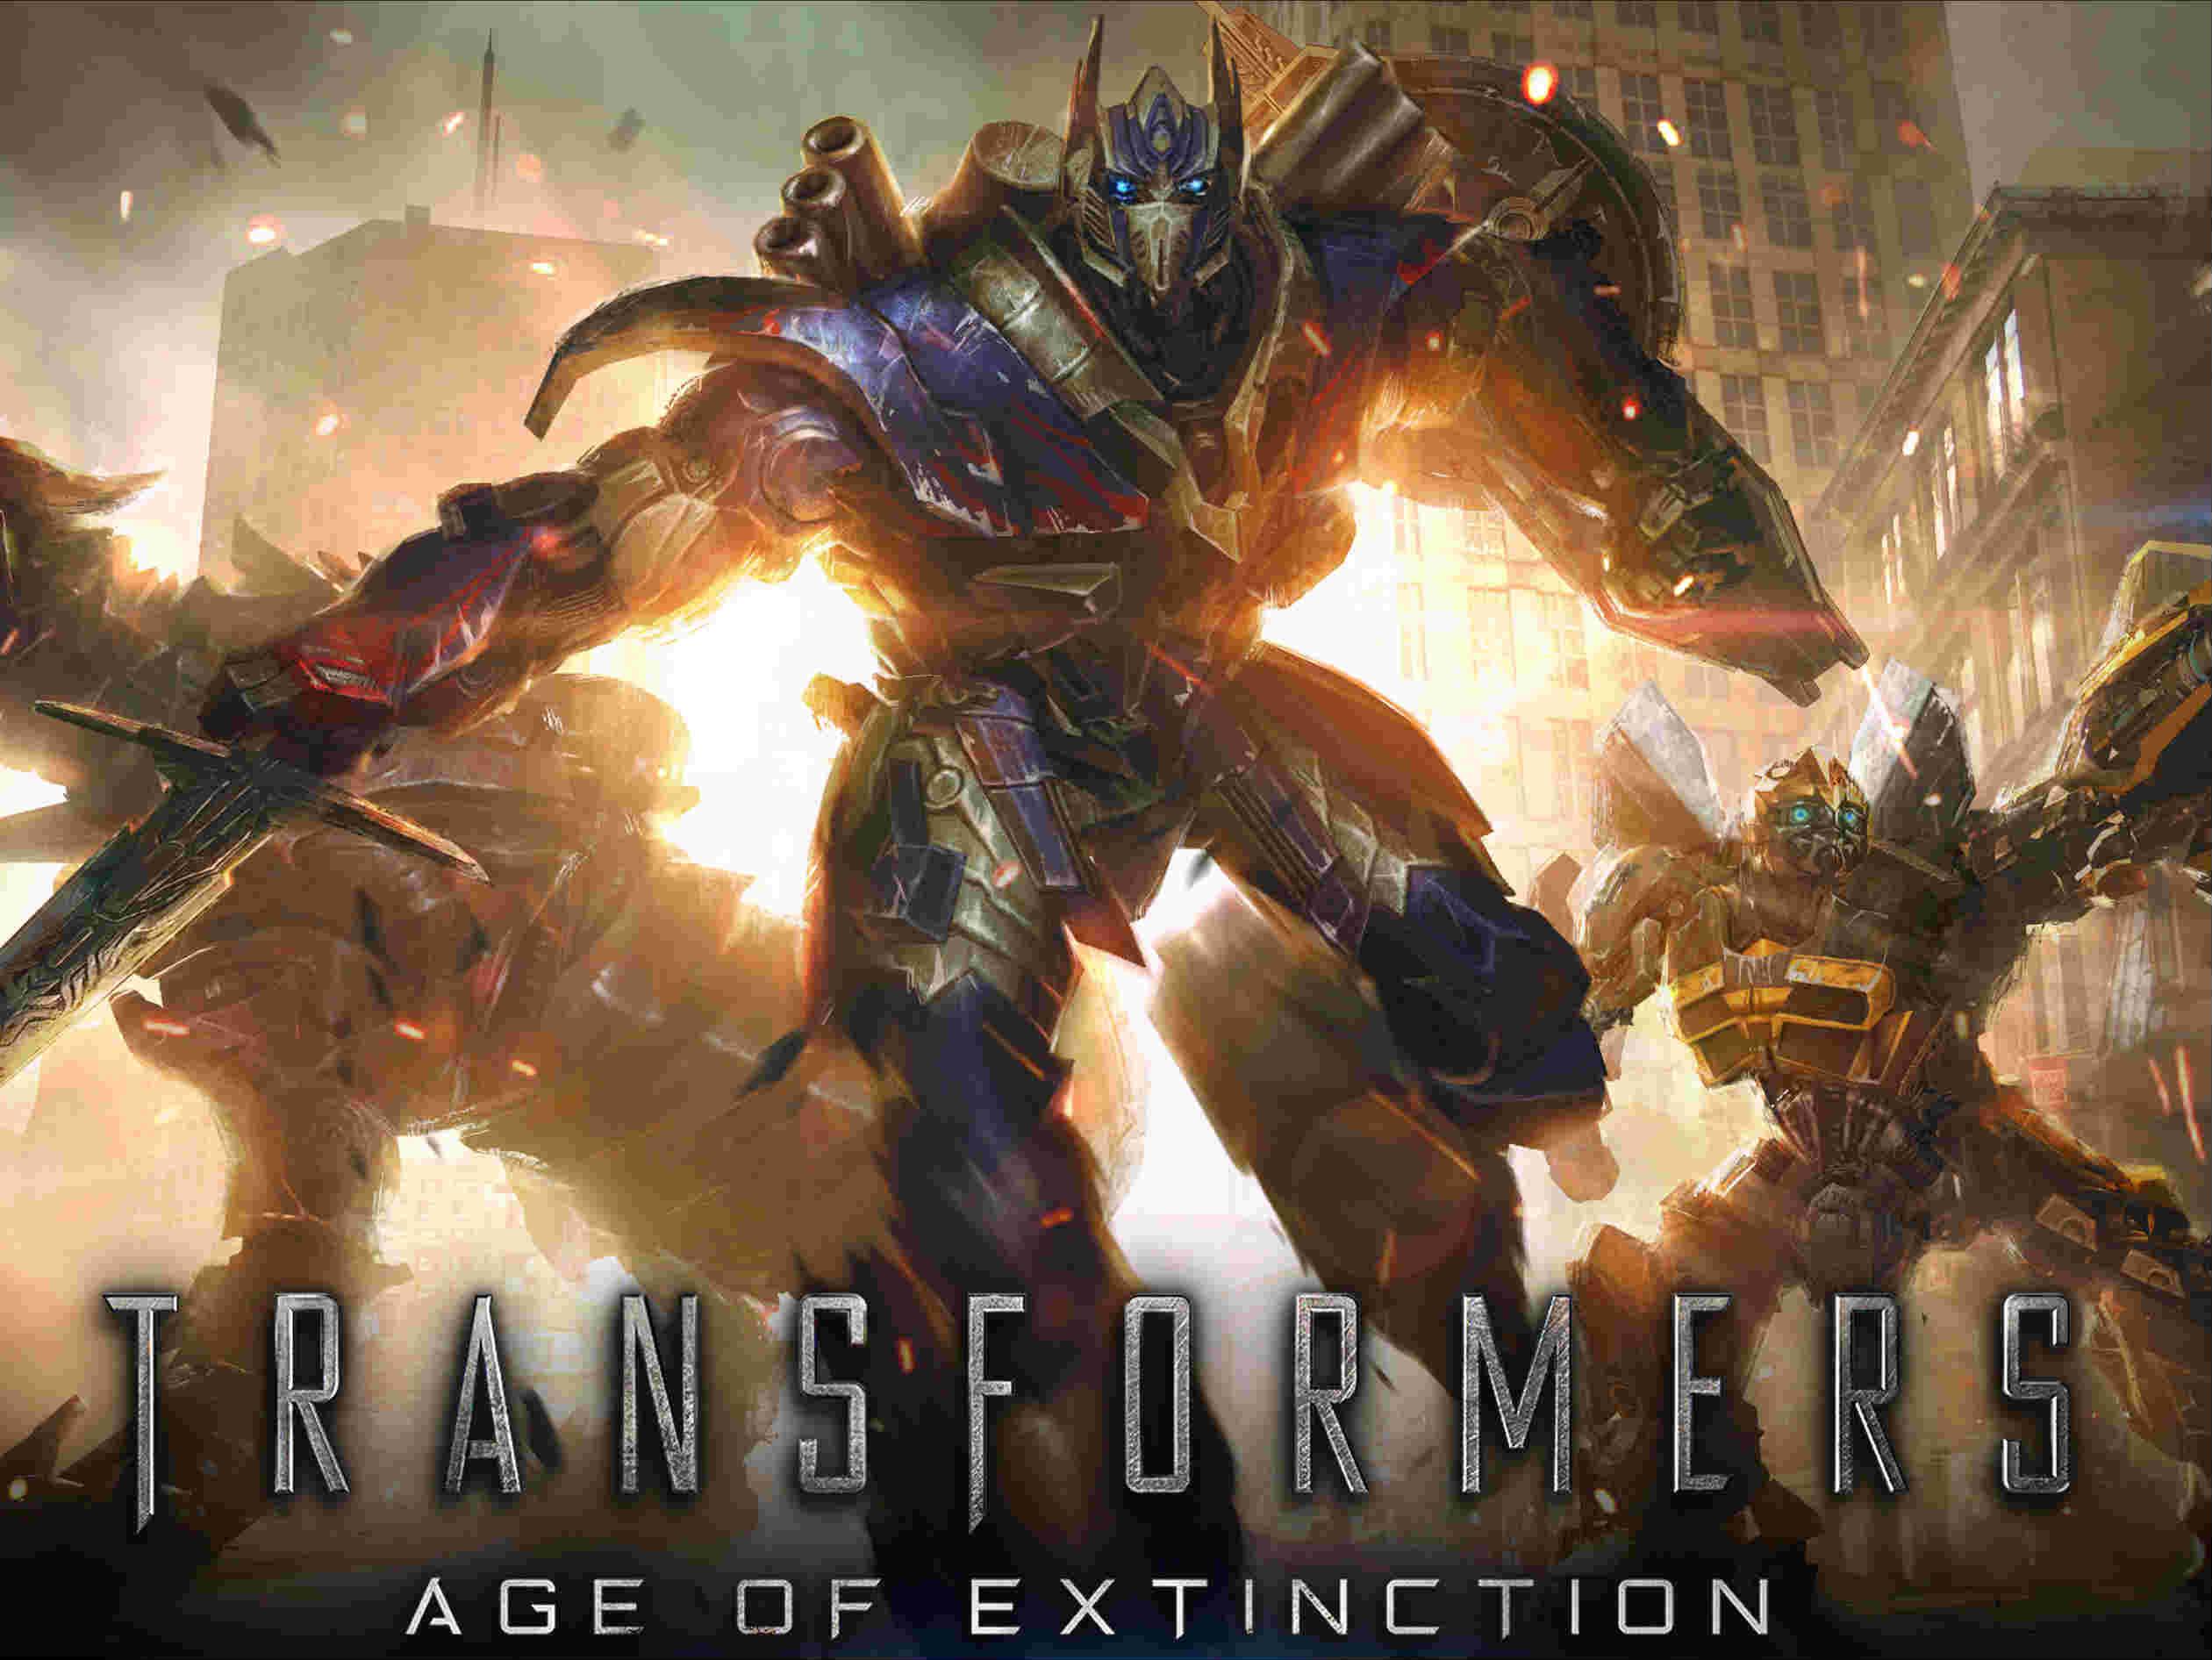 Wow, 'Transformers: Age of Extinction' Raih Box Office dengan Pendapatan Fantastis!